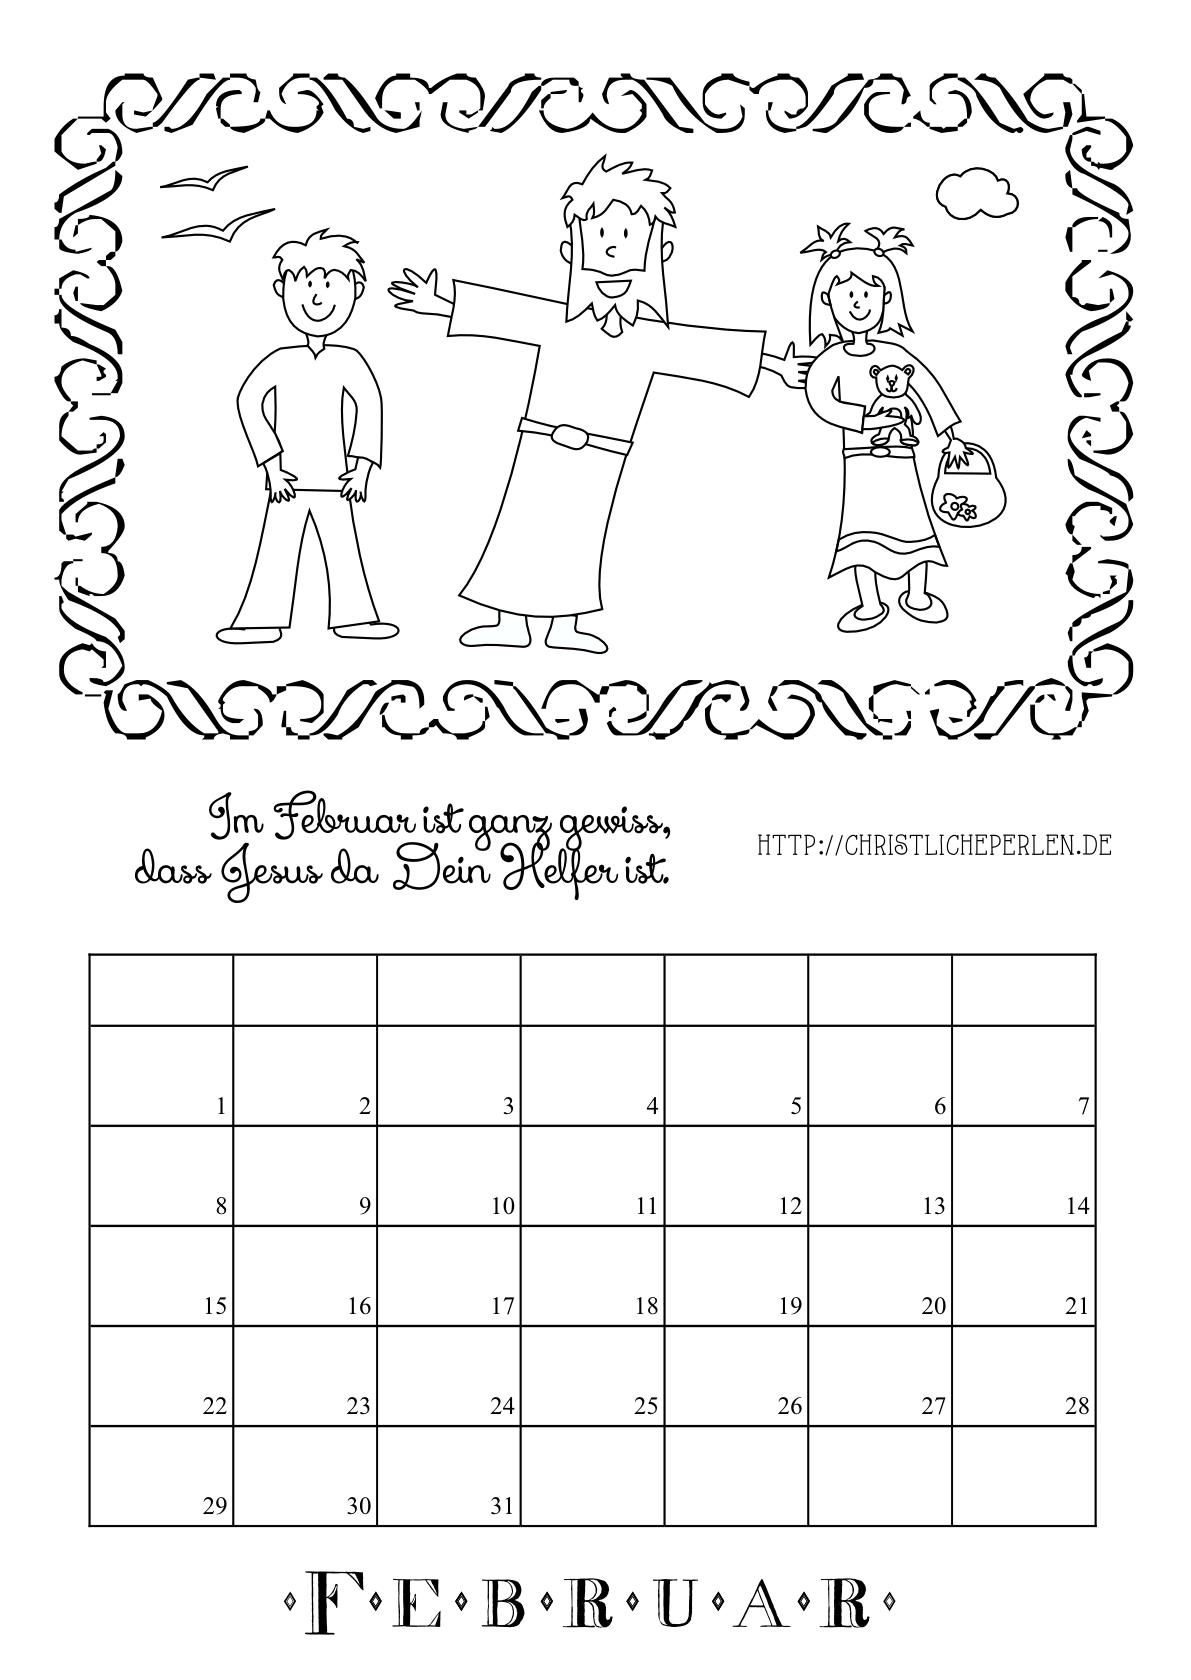 kalender zum ausdrucken und ausmalen christliche perlen. Black Bedroom Furniture Sets. Home Design Ideas